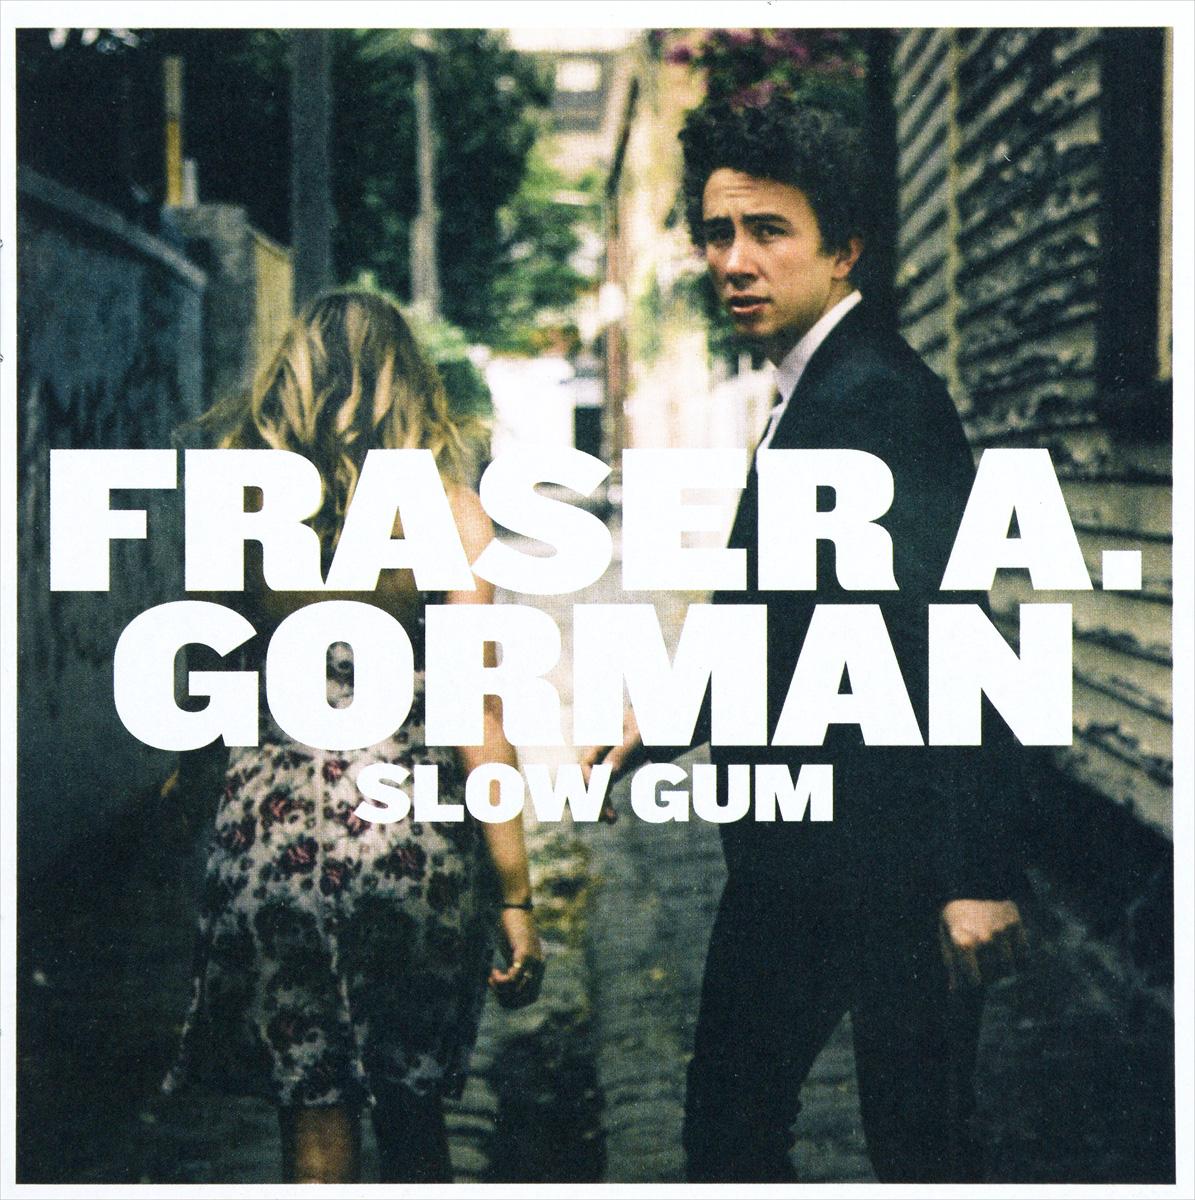 Fraser A. Gorman Fraser A. Gorman. Slow Gum